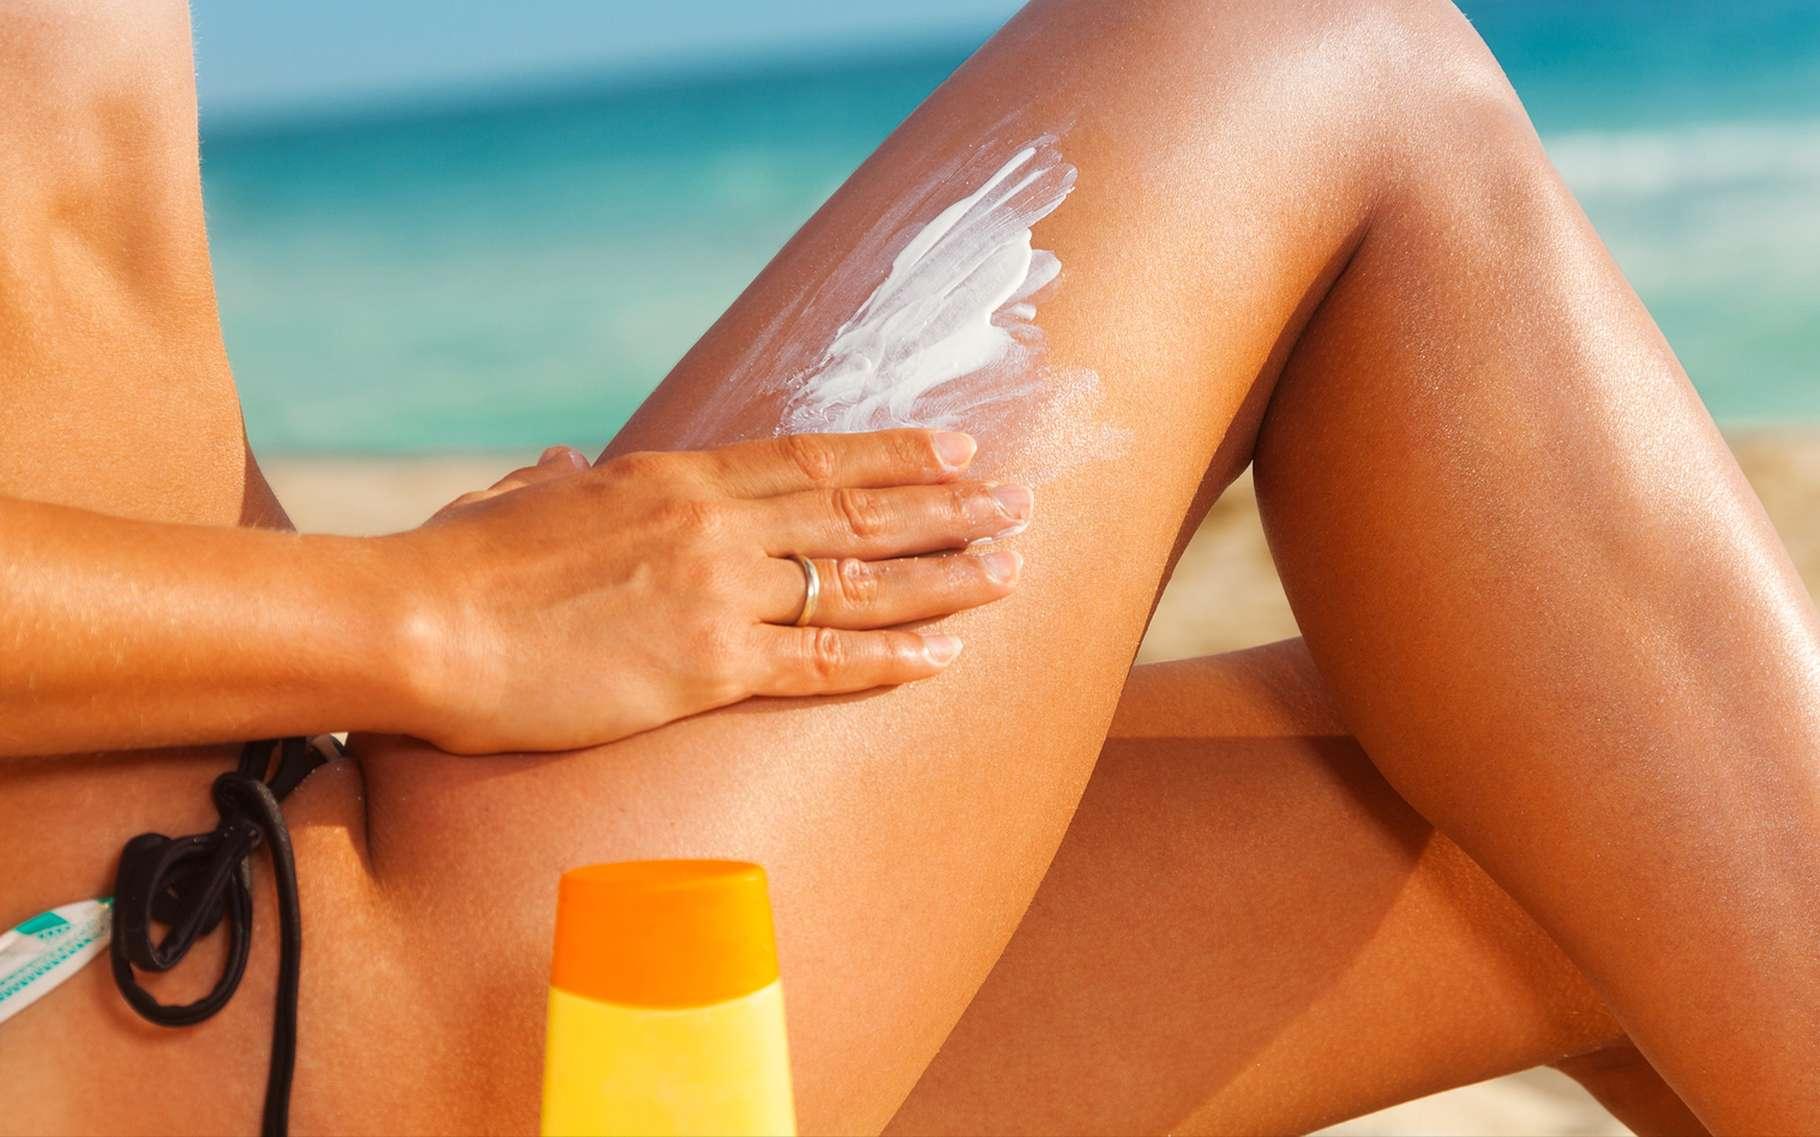 La crème solaire bio protège efficacement la peau du soleil tout en restant respectueuse de l'environnement. Son indice de protection est toutefois moindre par rapport à celui des crèmes solaires classiques. © Sergey Novikov, Shutterstock